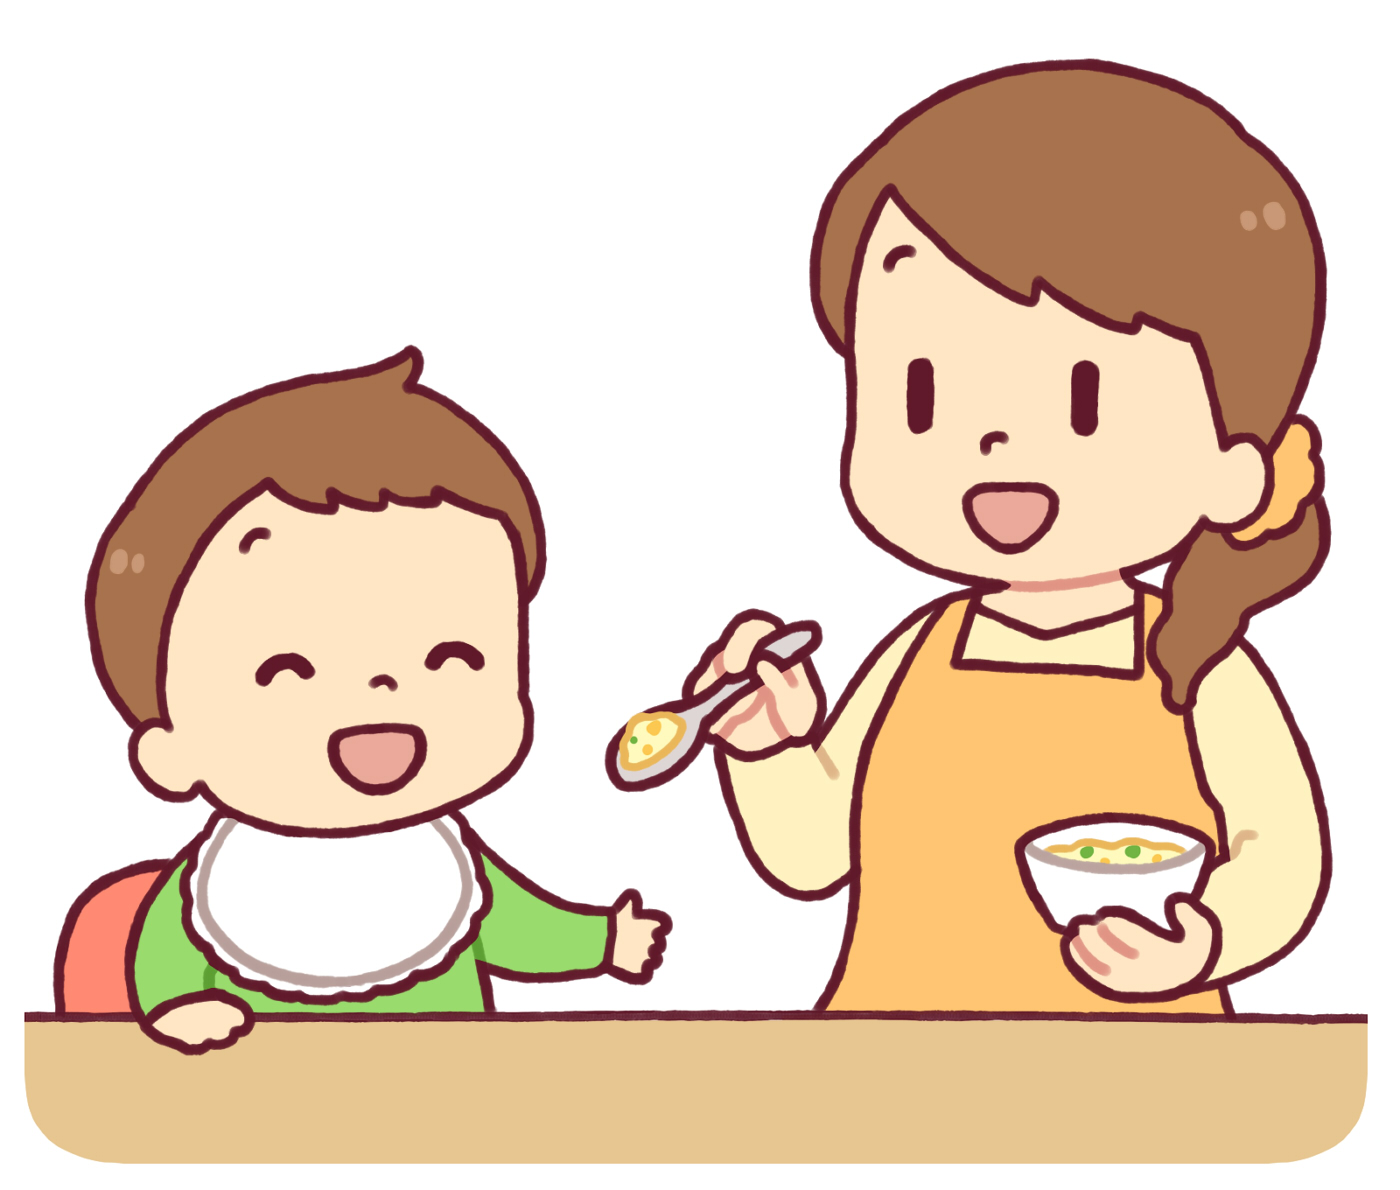 生後4ヶ月より前に離乳食を開始すると、肥満につながるかもしれない